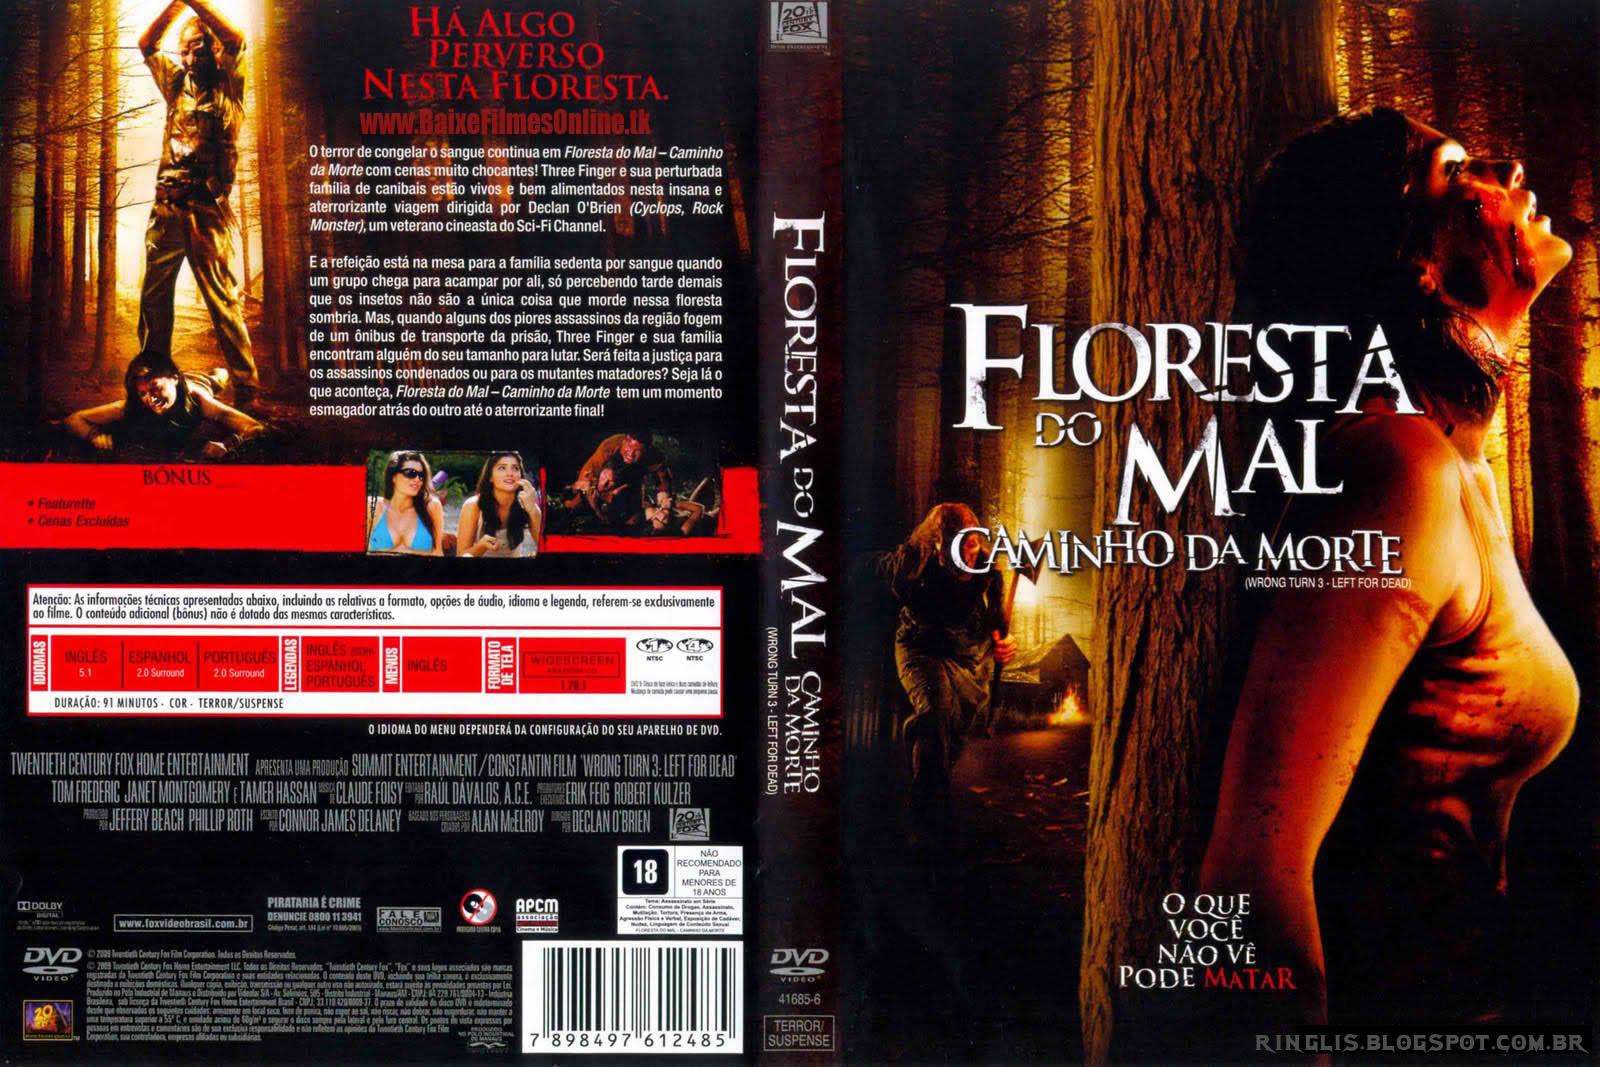 Floresta Do Mal Online for floresta do mal – caminho da morte – the séries dubladas